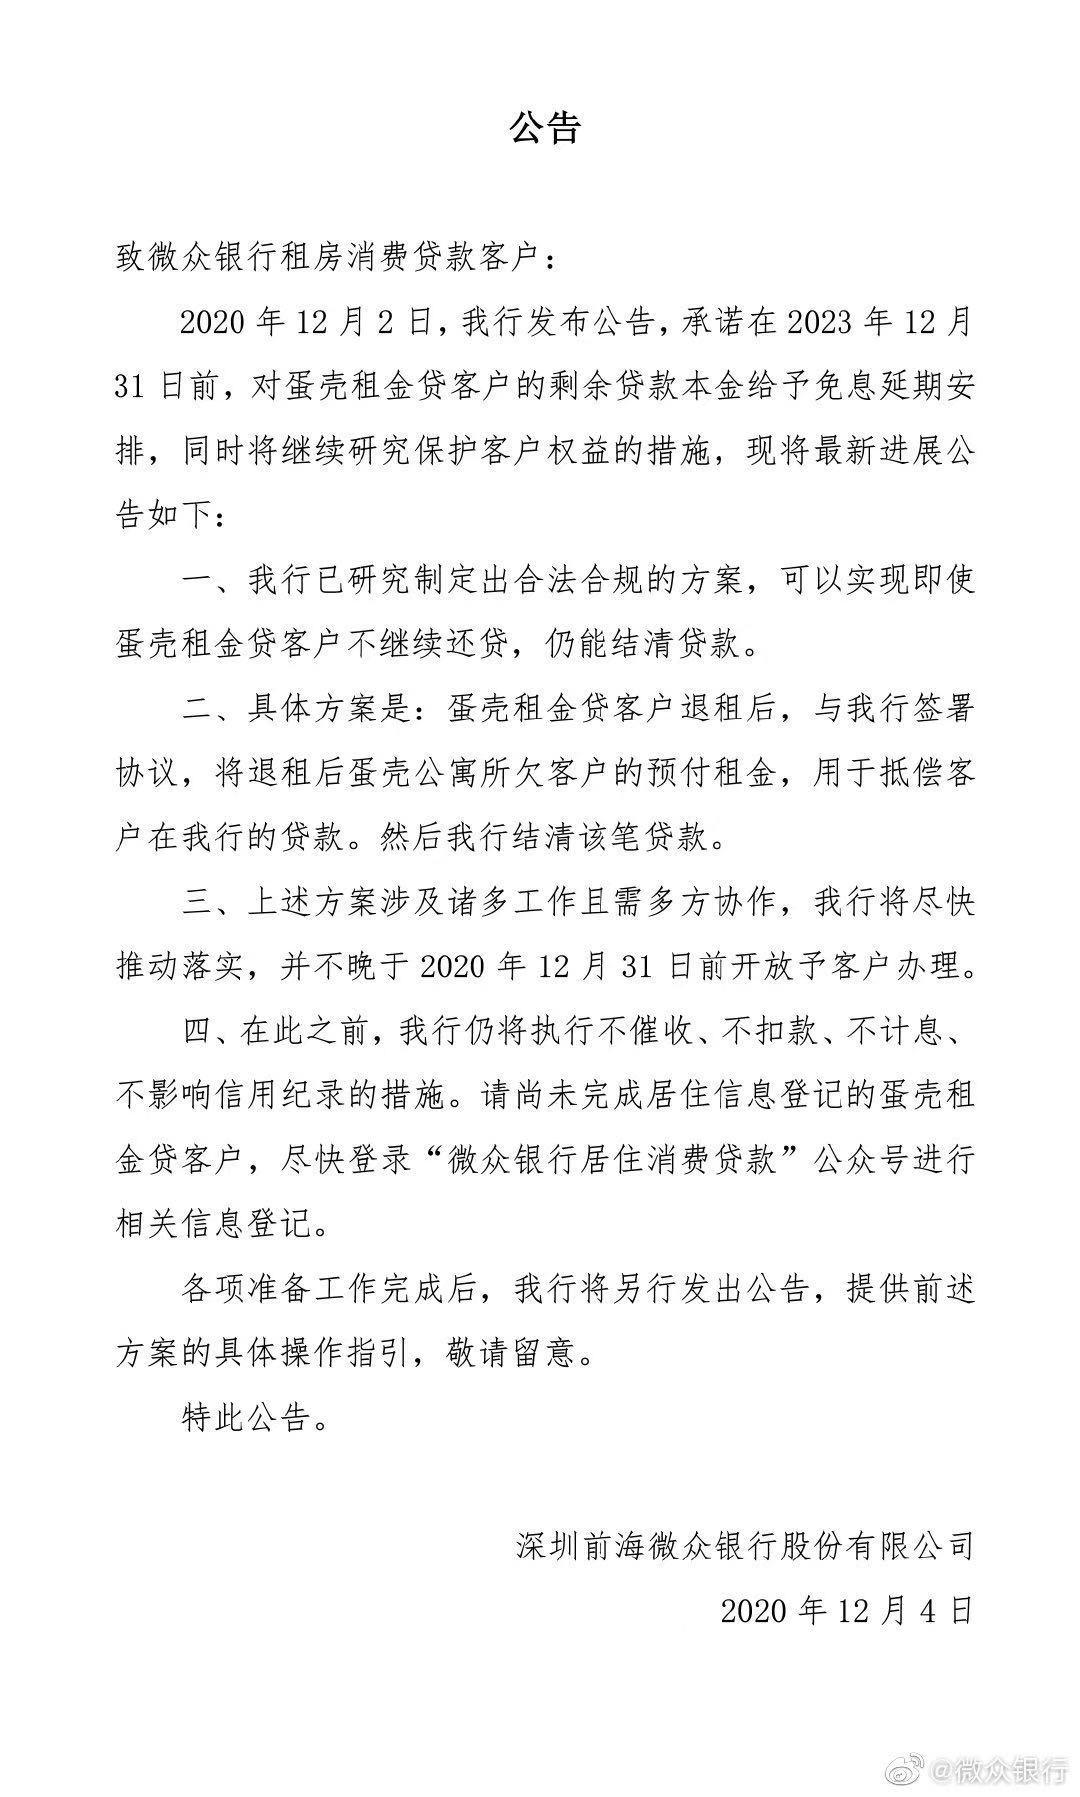 微众银行:即使蛋壳租金贷客户不继续还贷 仍能结清贷款-中国网地产